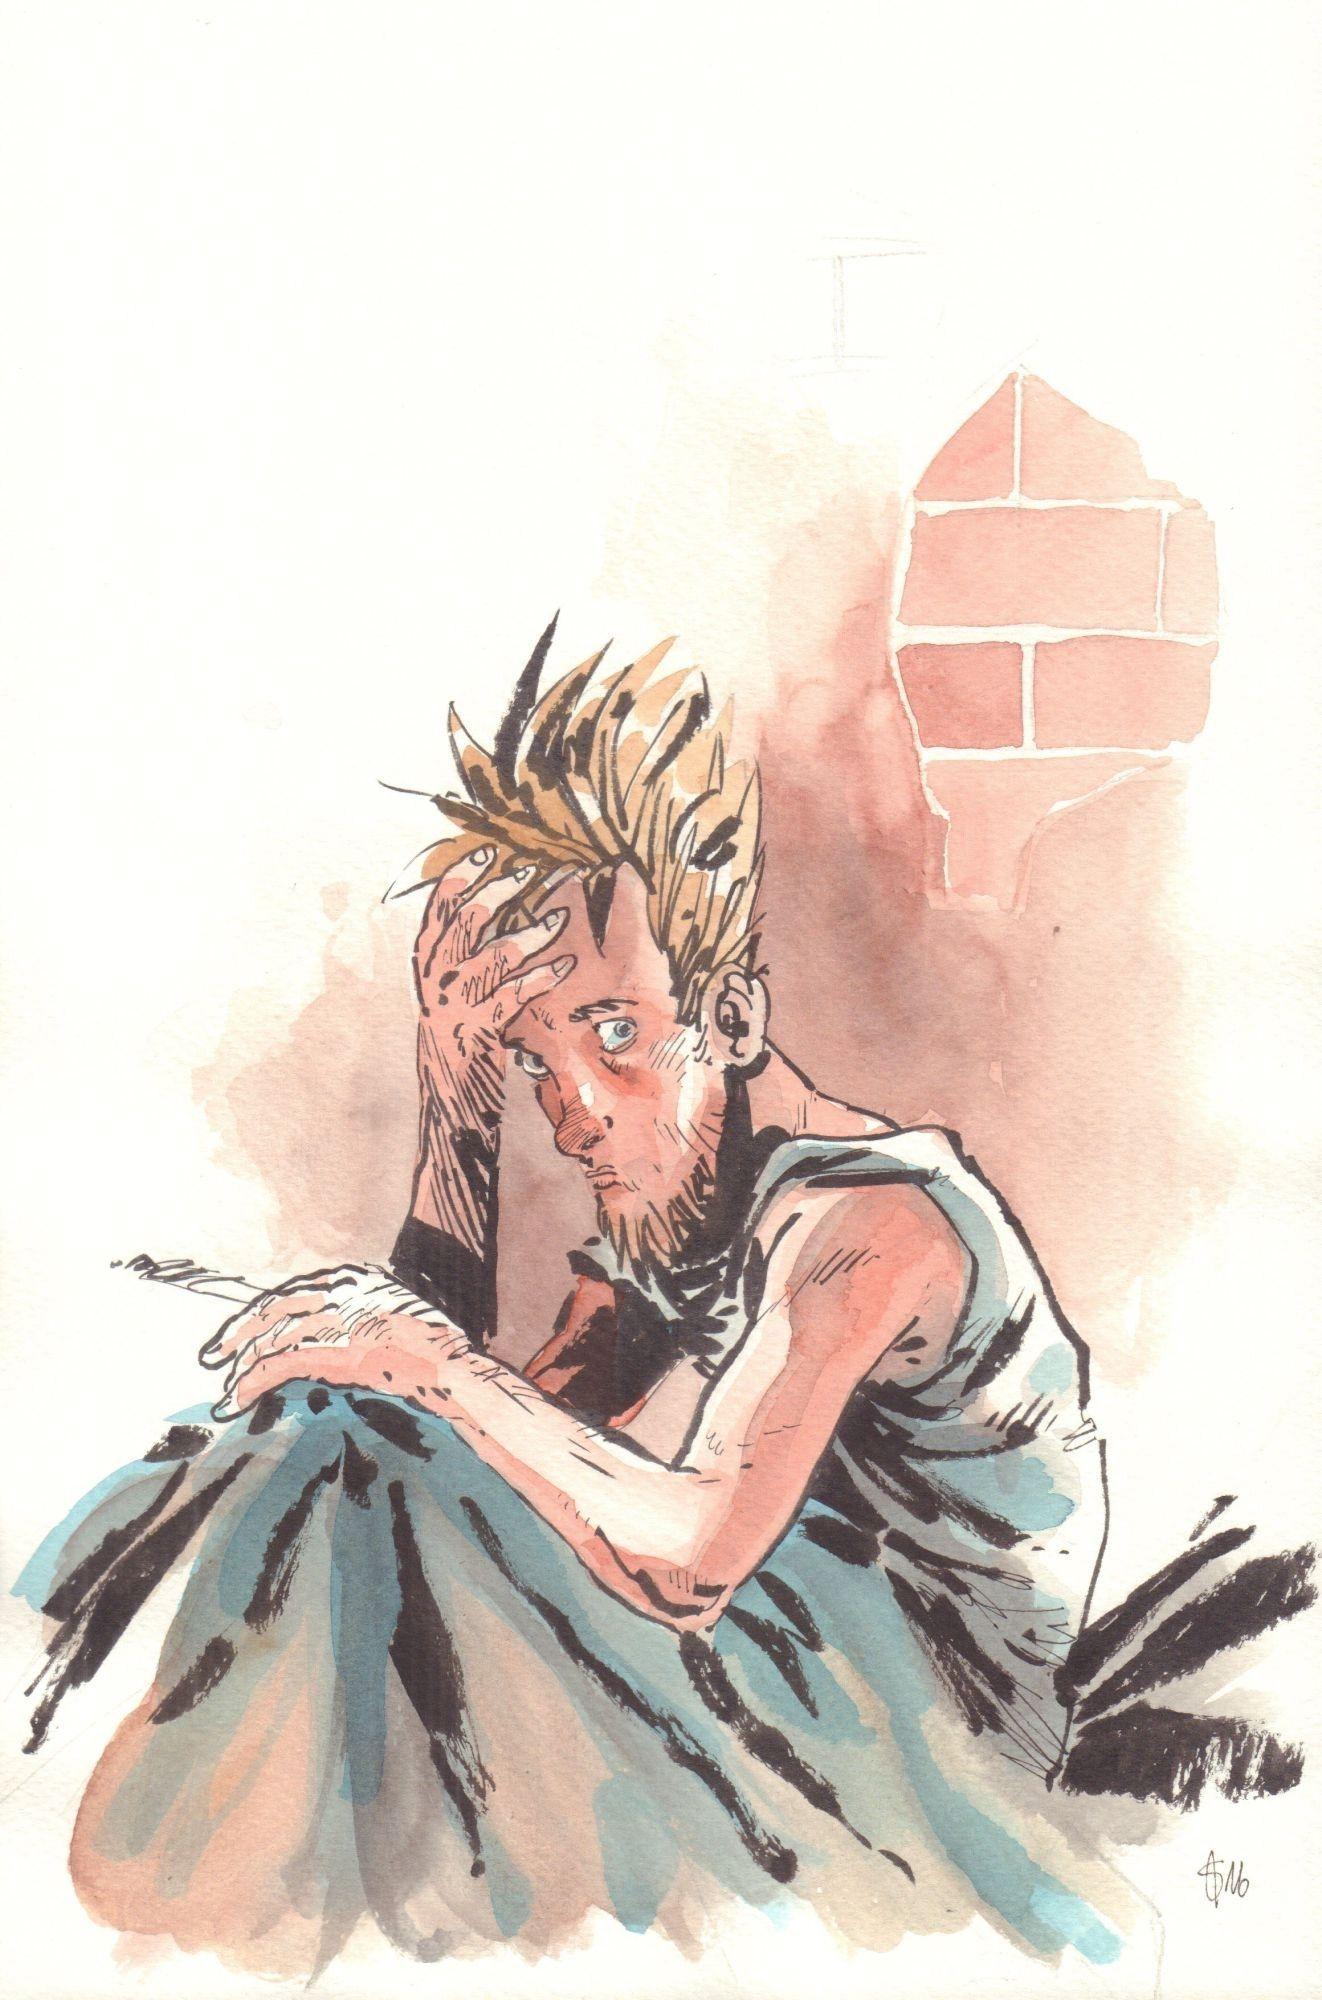 Osiedle Swoboda 2: Smutny (strona rozdziałowa)